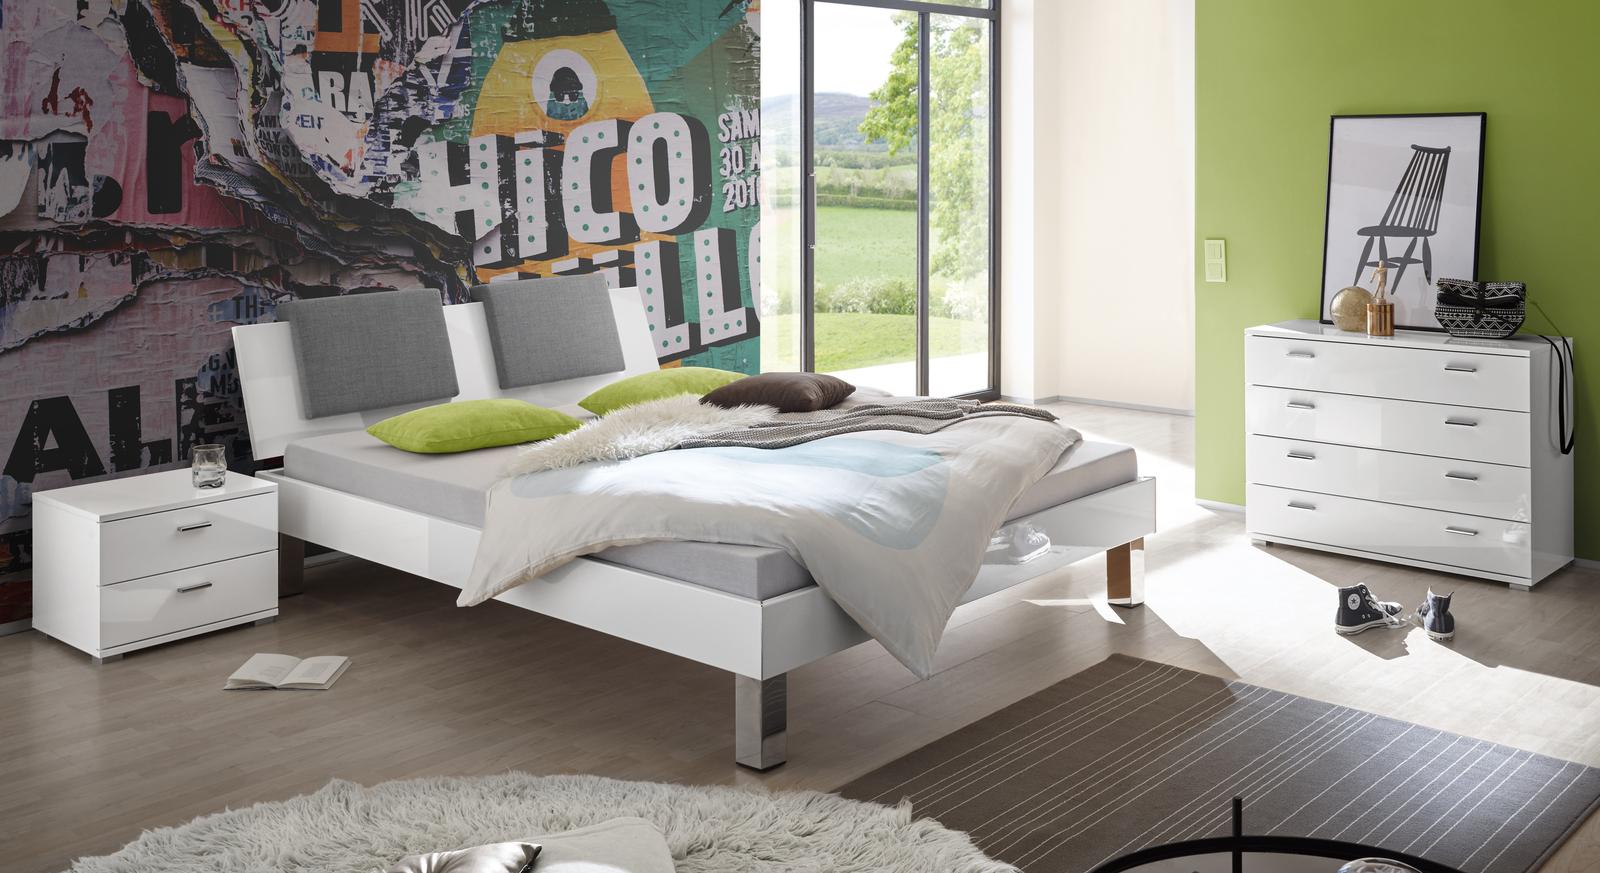 Bett Kamea mit passenden Beimöbeln